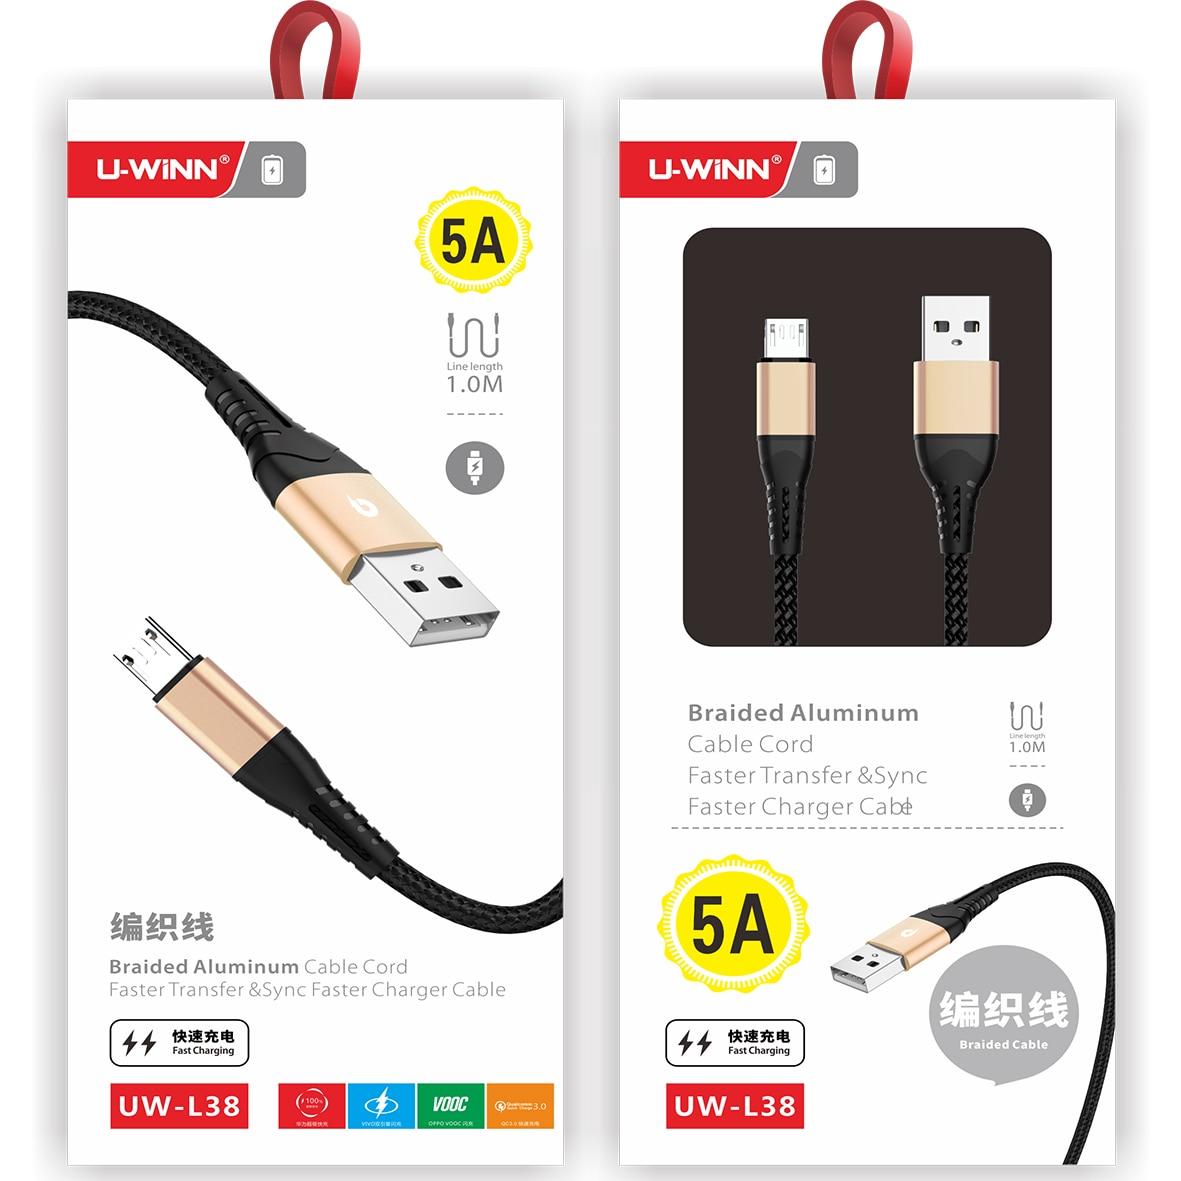 Usb кабель 1 м для быстрой зарядки с usb-портом для зарядки и передачи данных и Мощность зарядки 2 в 1 Micro Usb для быстрой зарядки передачи данных дл...